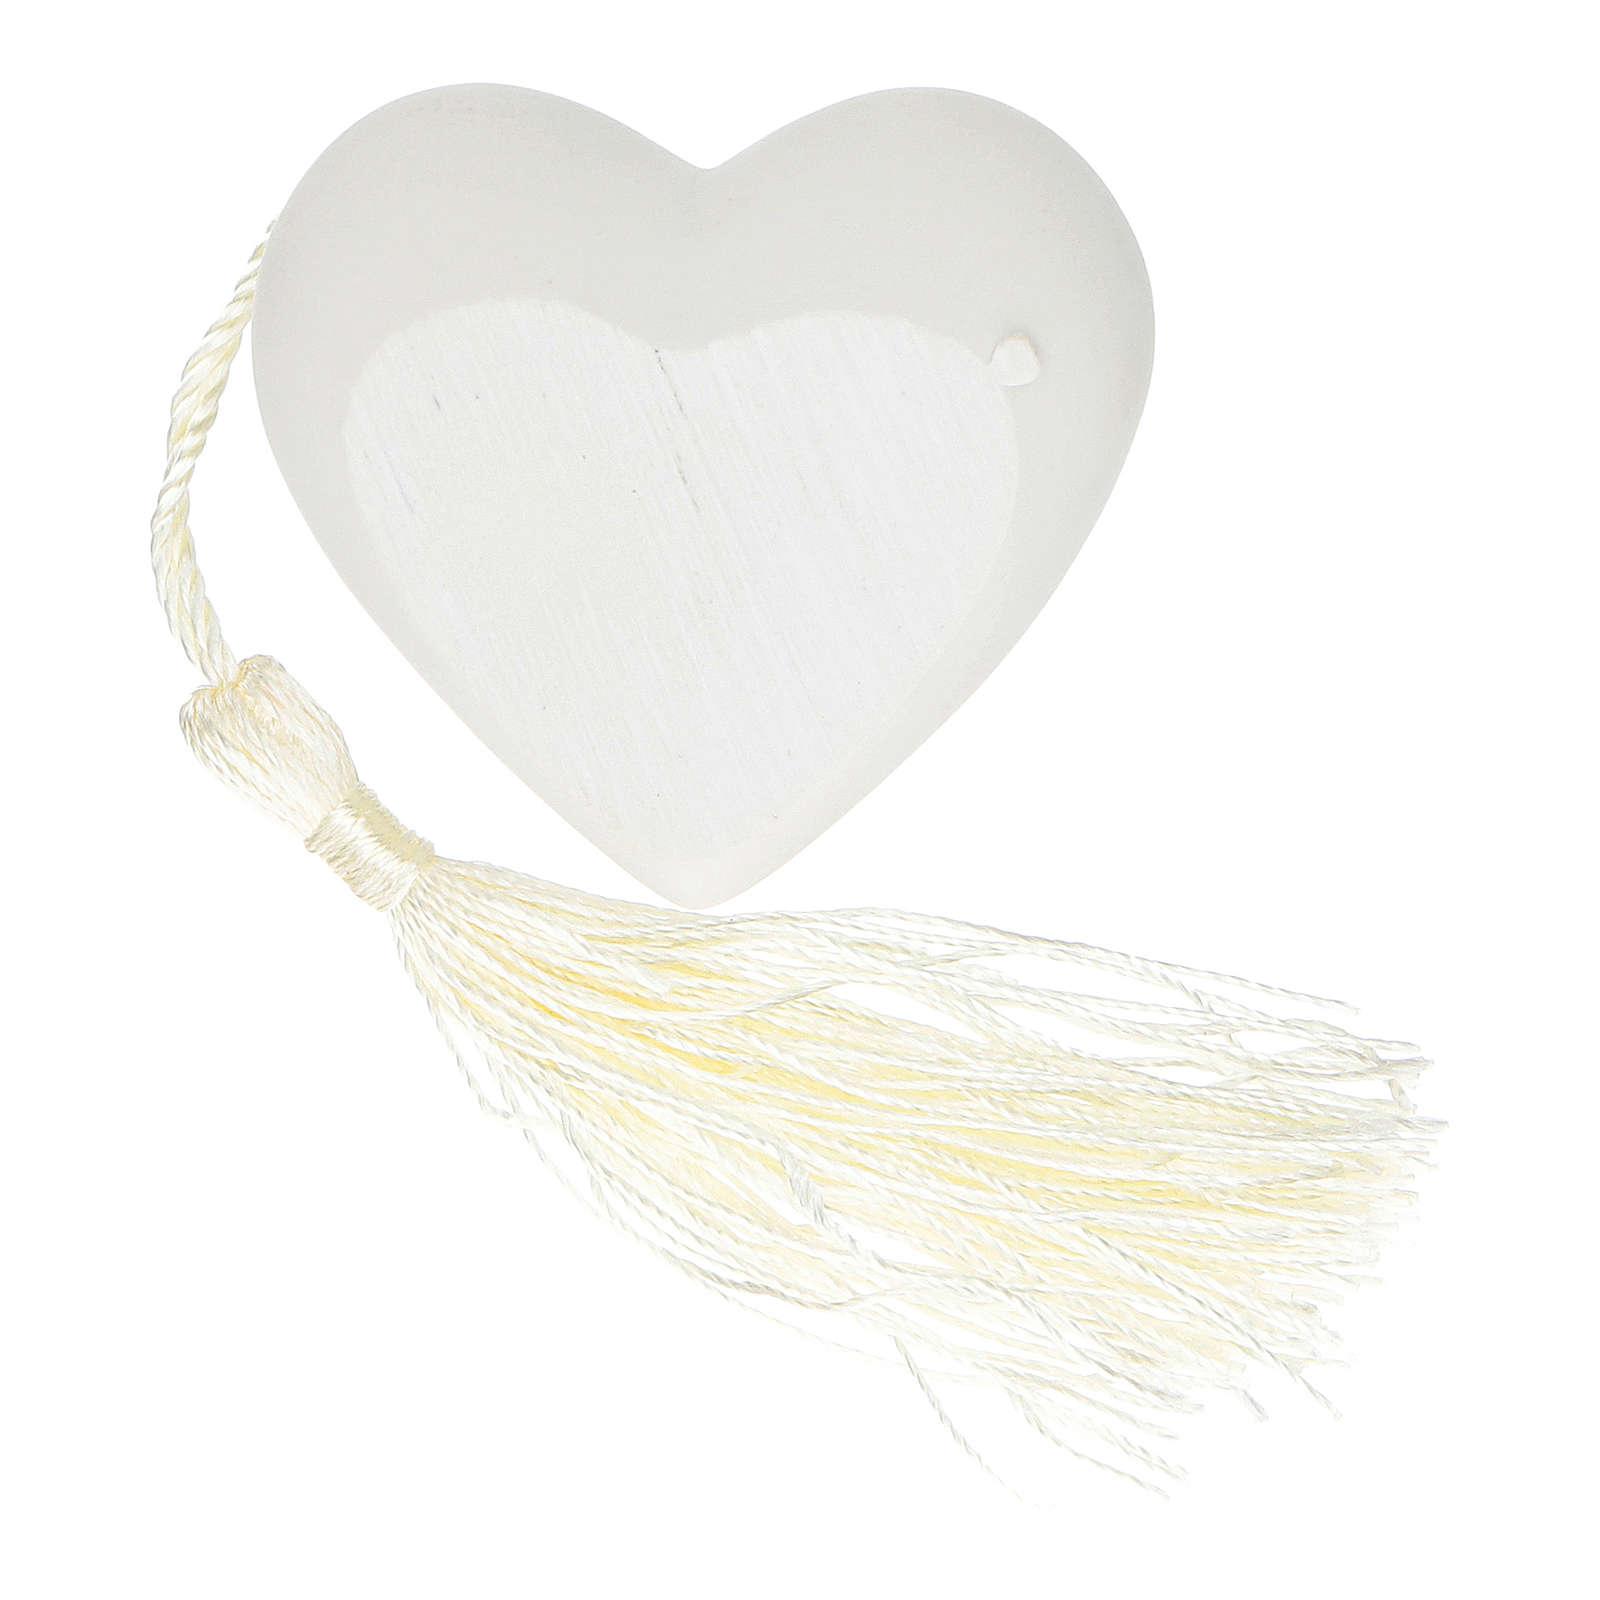 Lembrancinha coração Crisma cor de prata 5 cm 3